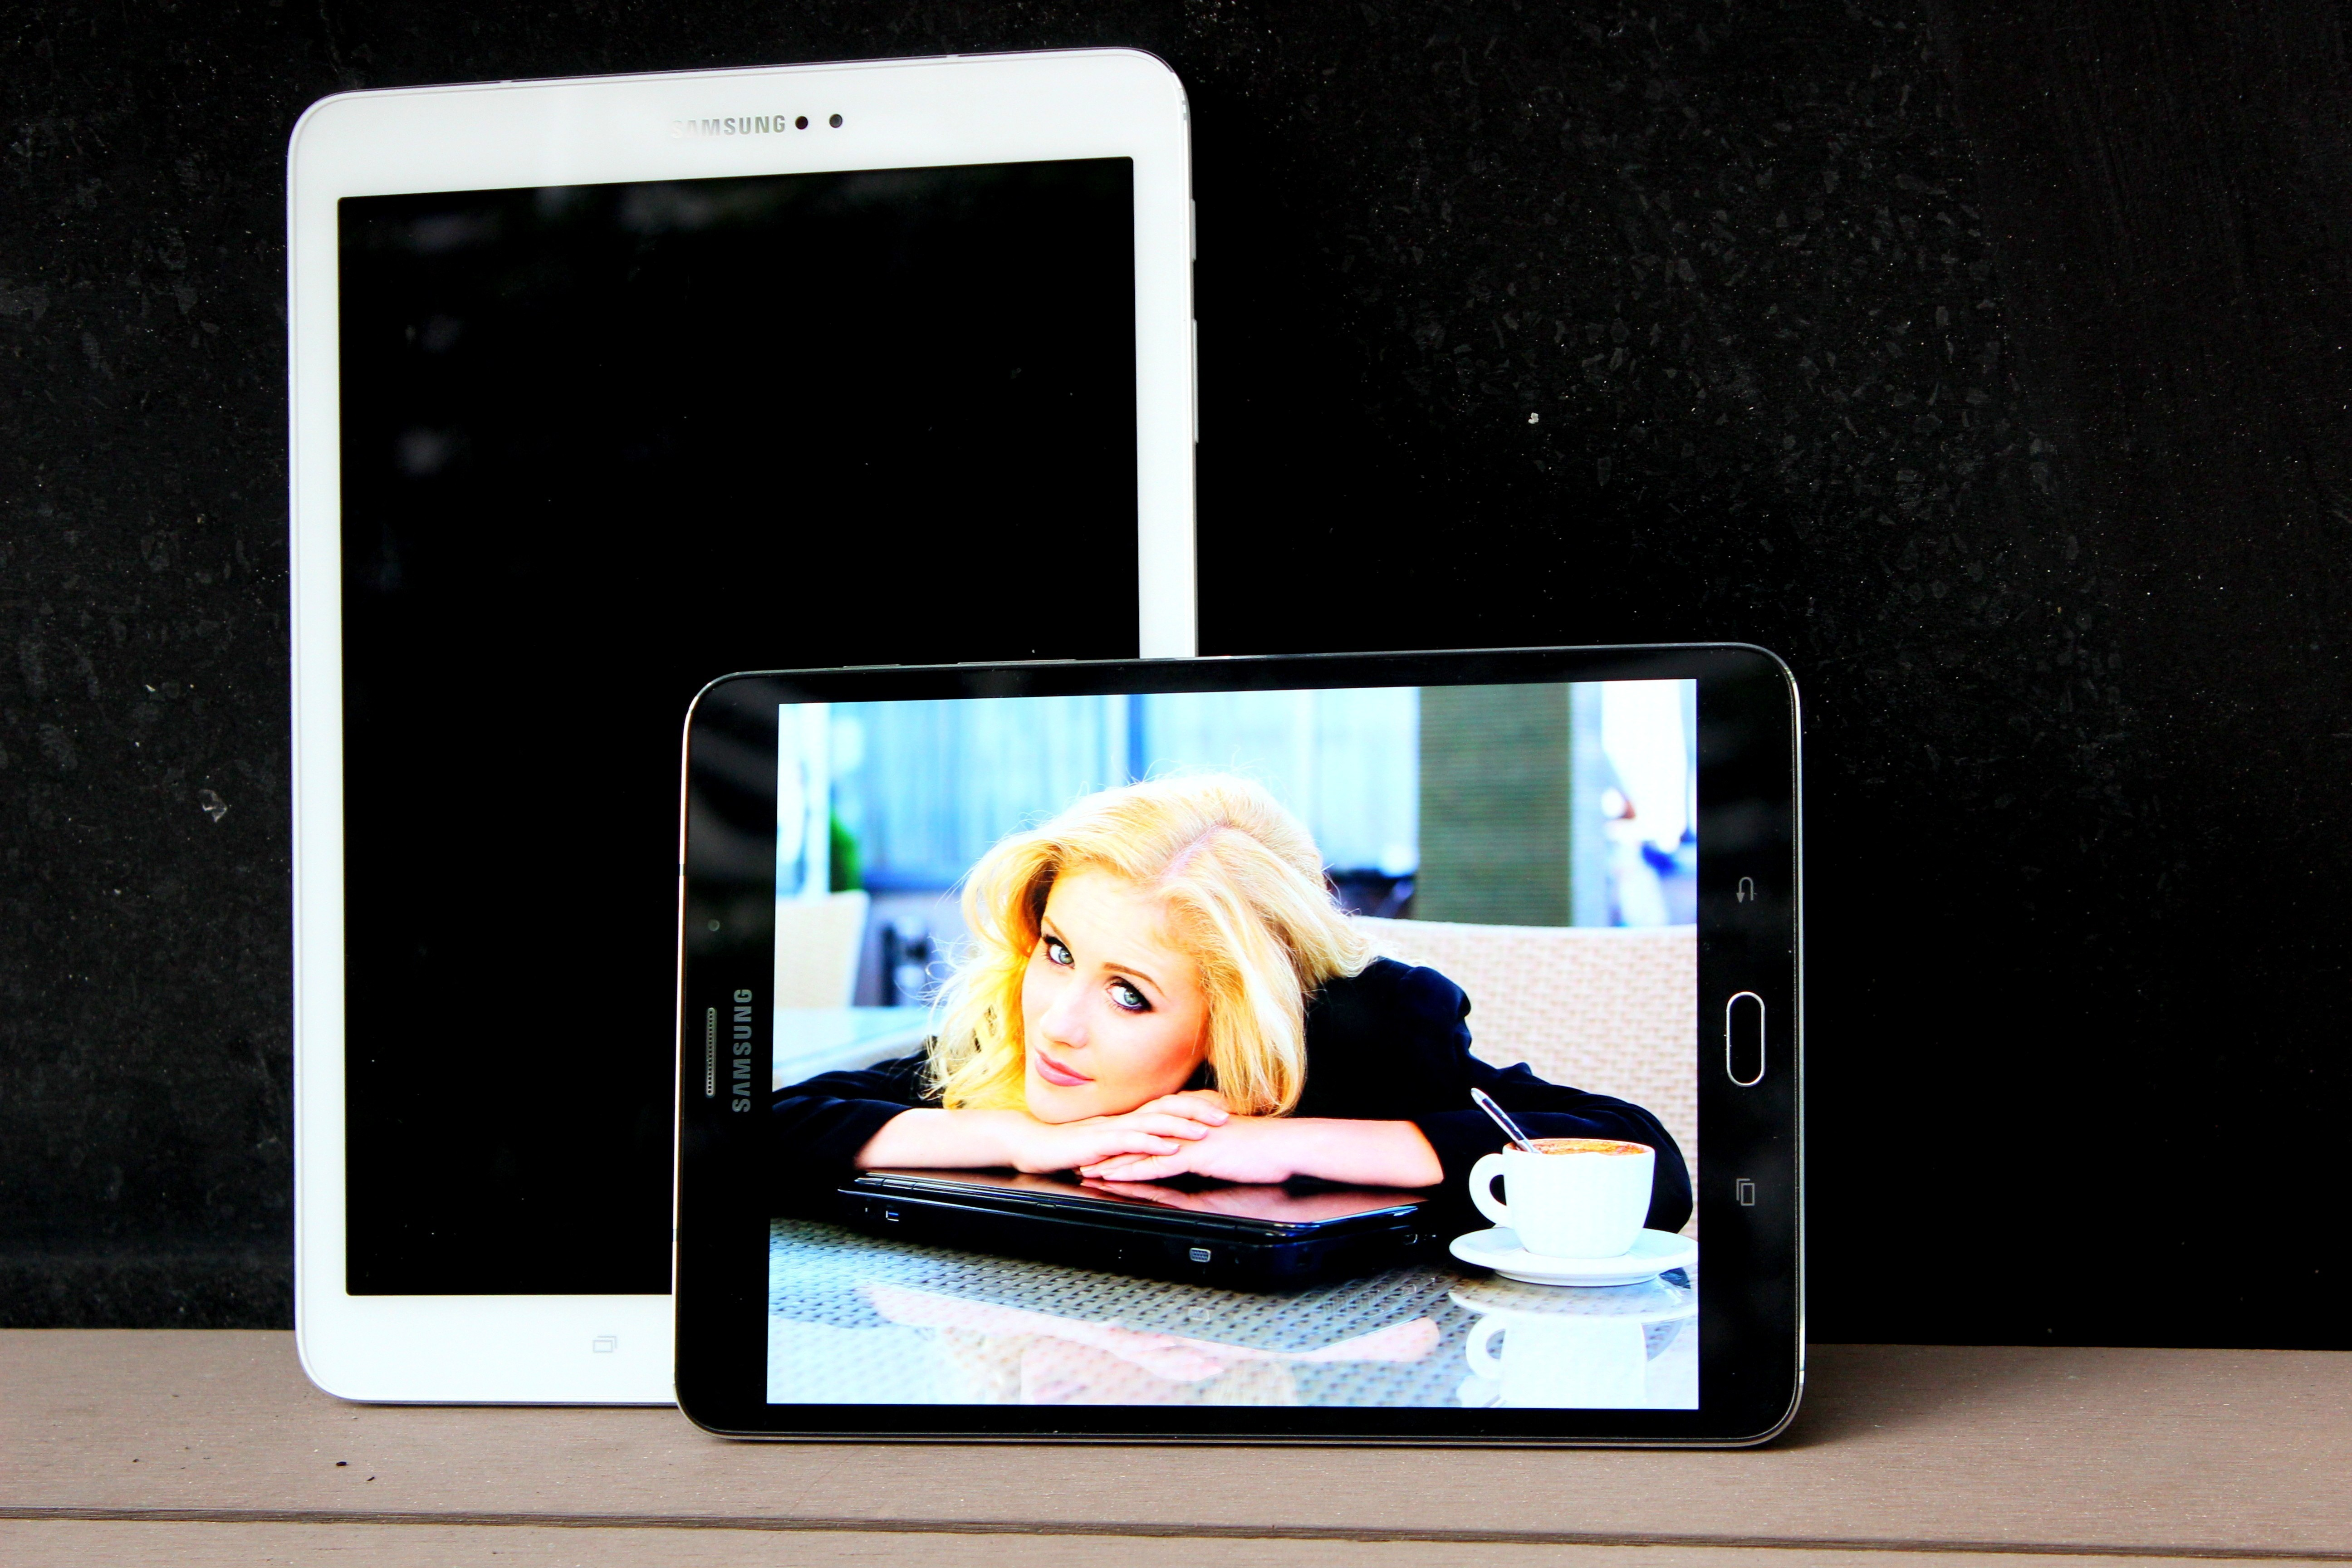 Galaxy Tab S2 nổi bật bên phụ kiện